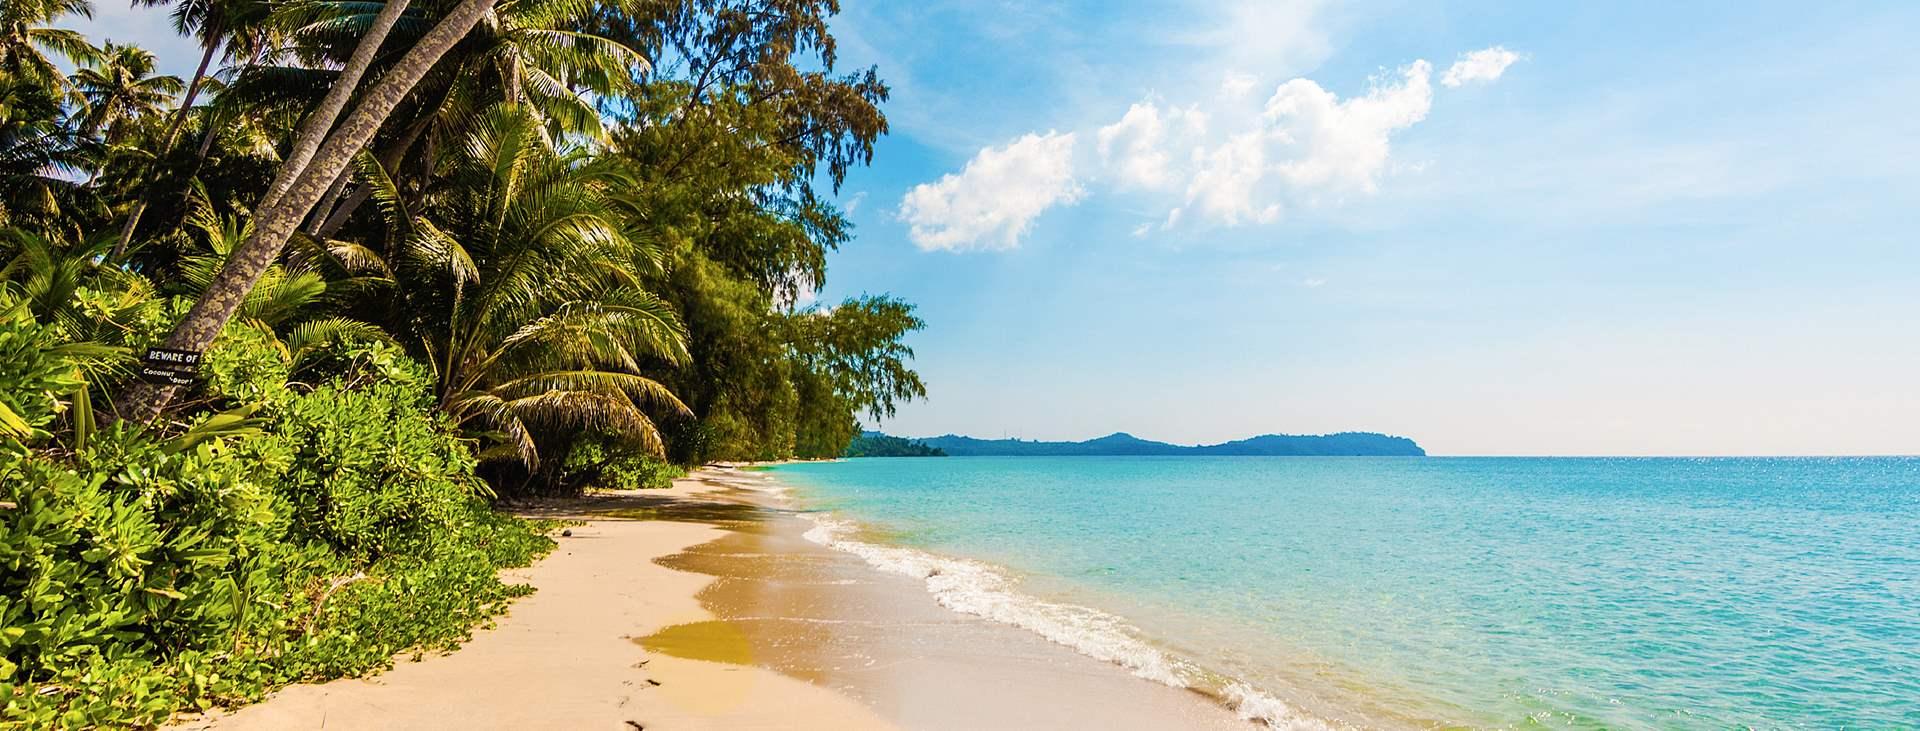 Varaa rentouttava loma Mahessa, Seychelleillä